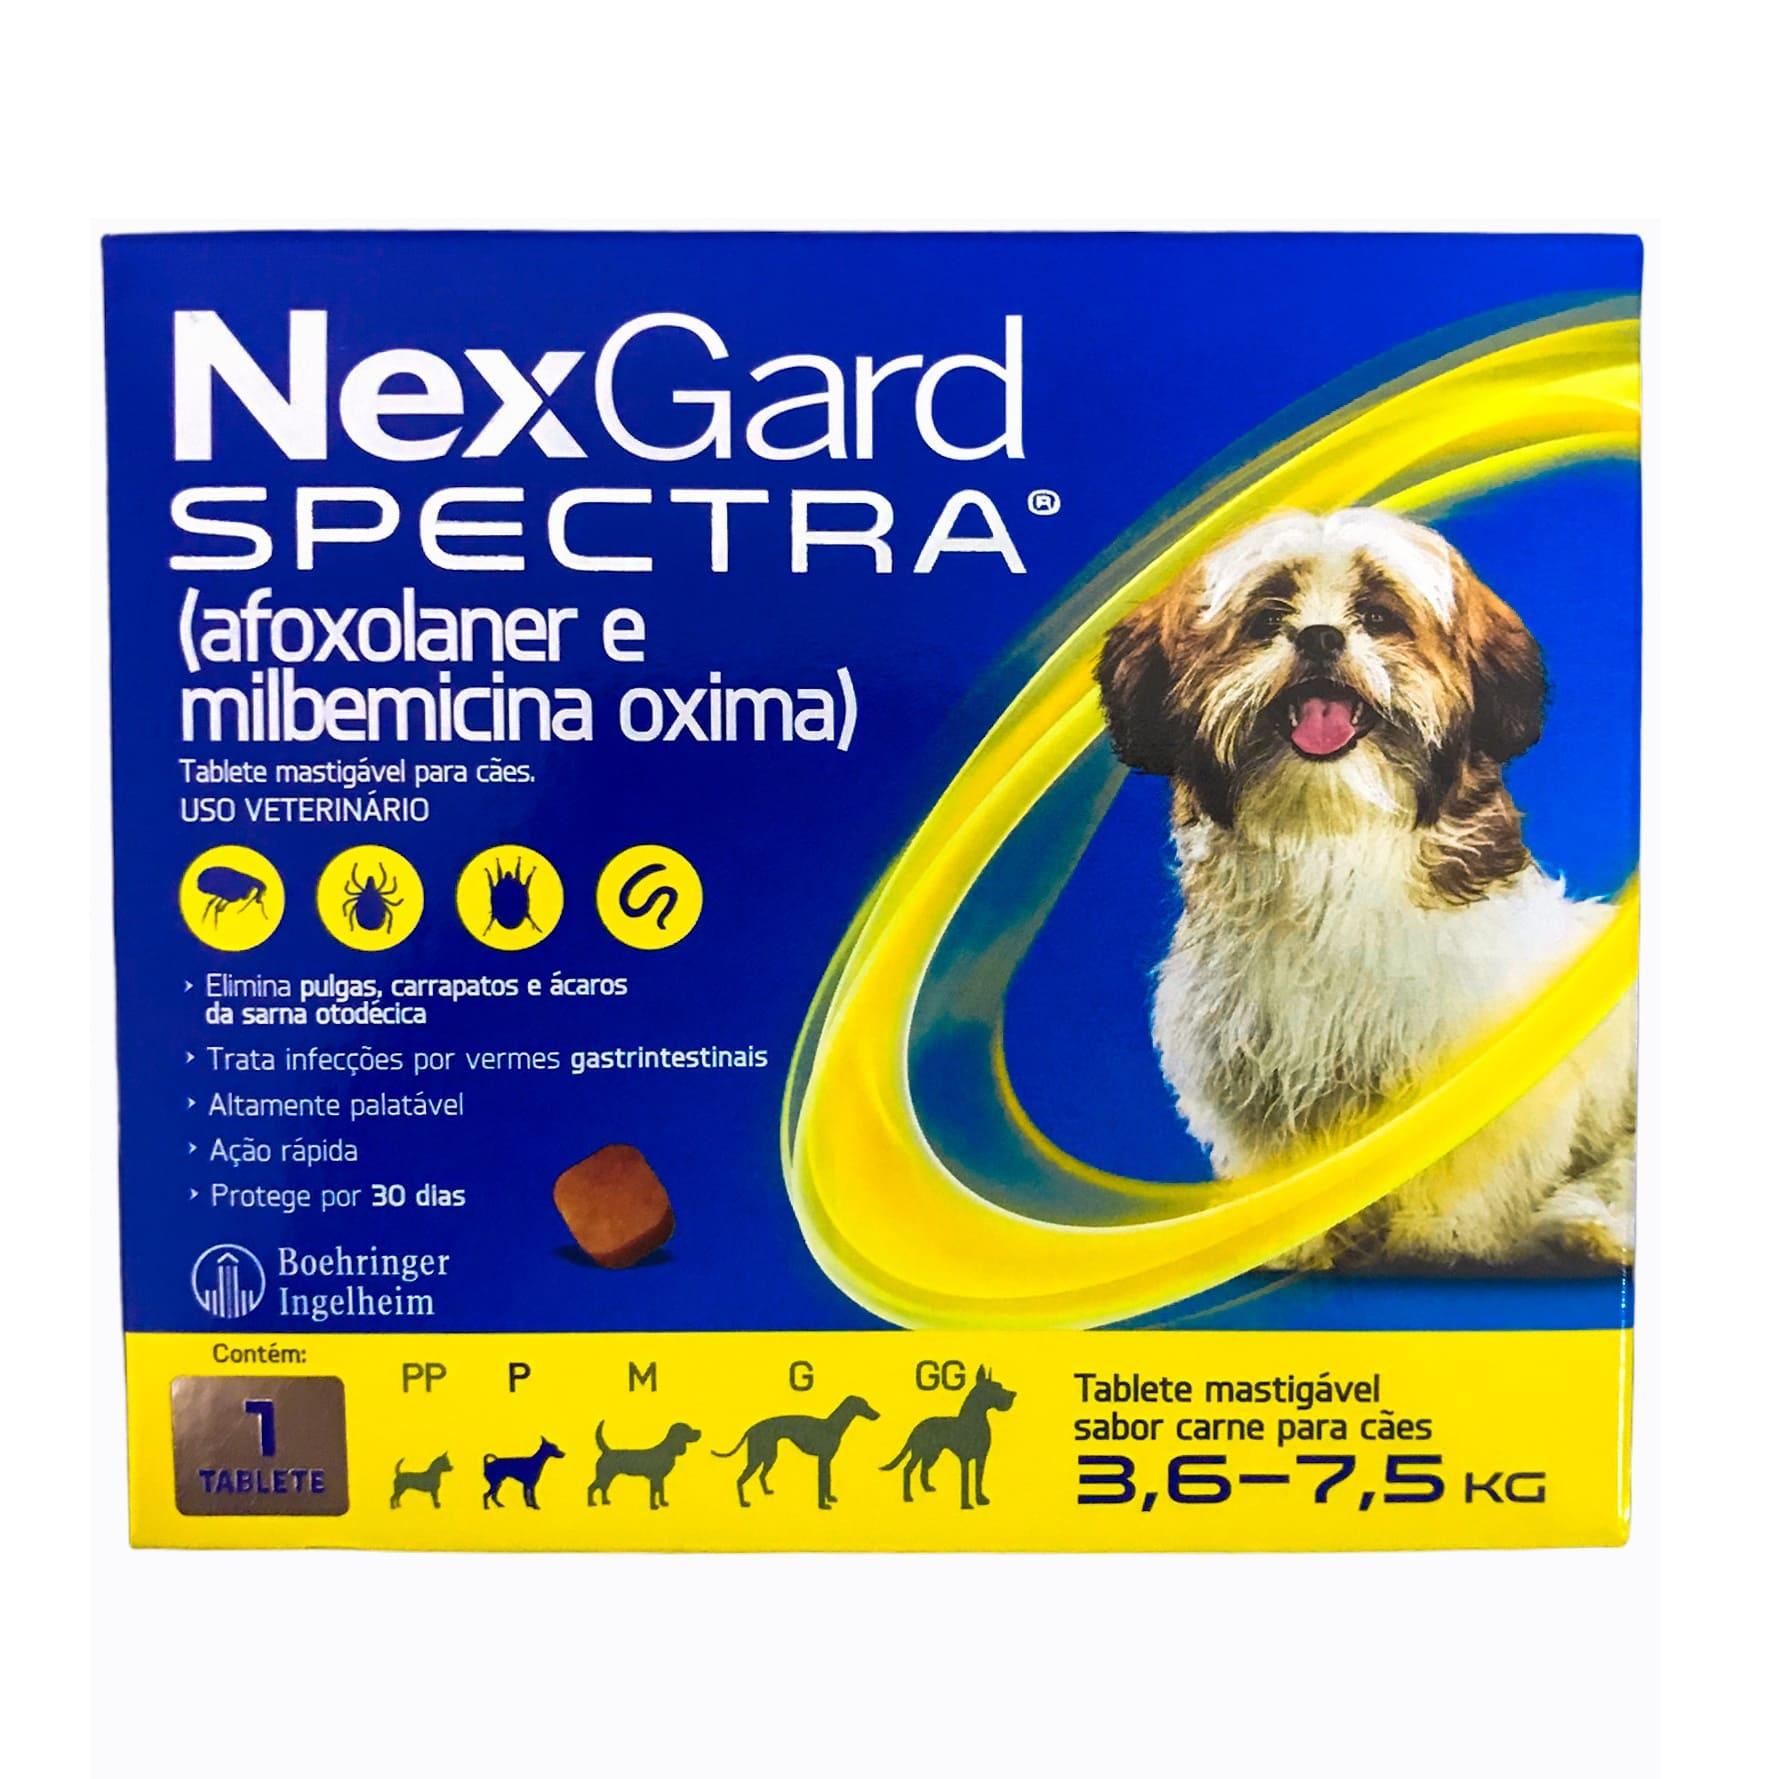 Nexgard Spectra para Cães de 3,6 a 7,5kg - Boehringer Ingelheim